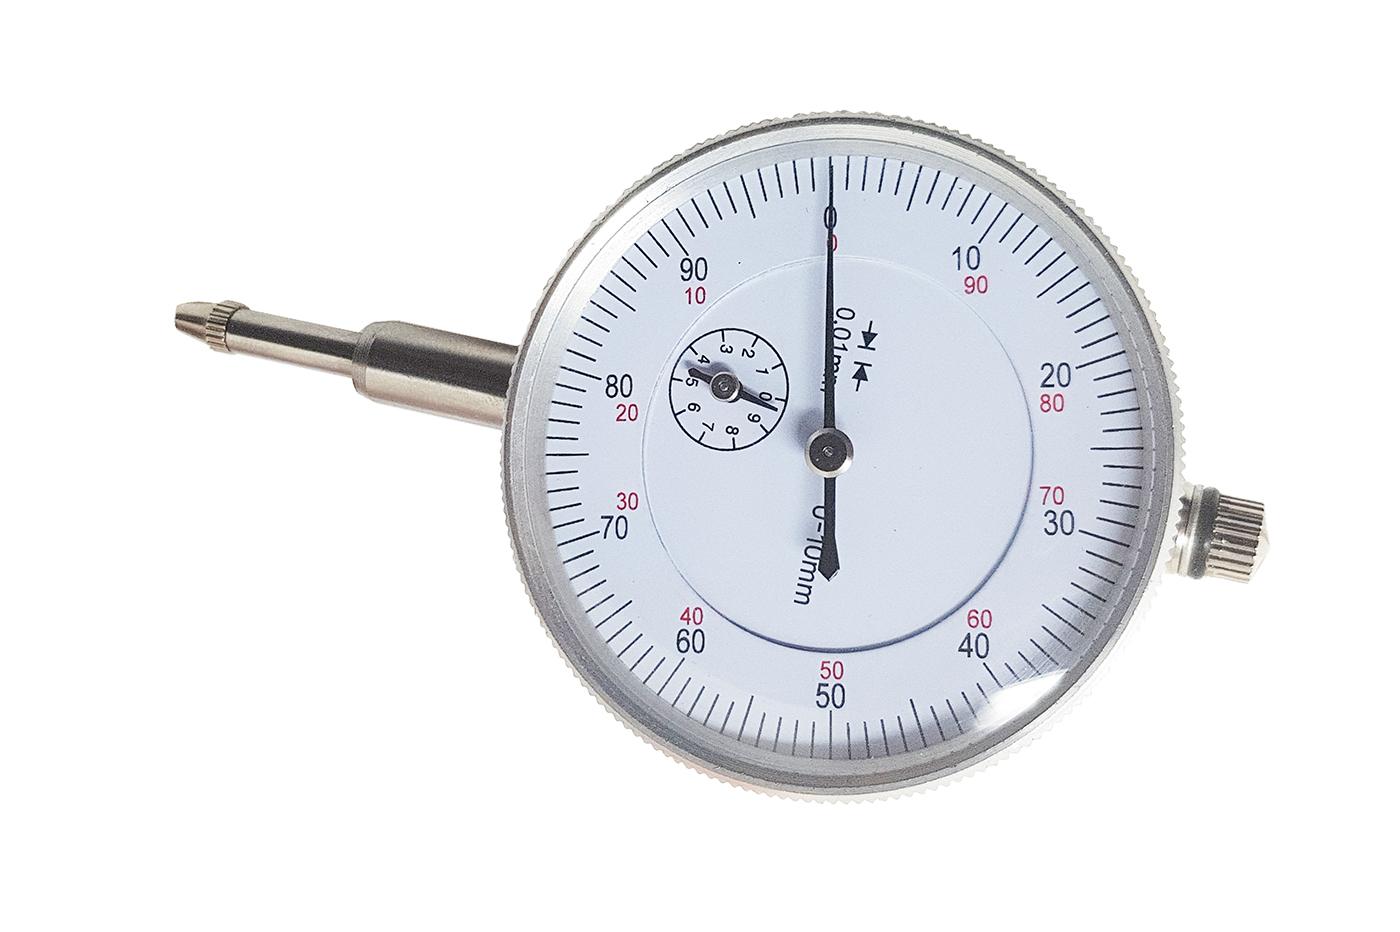 Comparatore centesimale a orologio 0 10mm risoluzione 0 01mm per base magnetica ebay - Comparatore a finestra ...